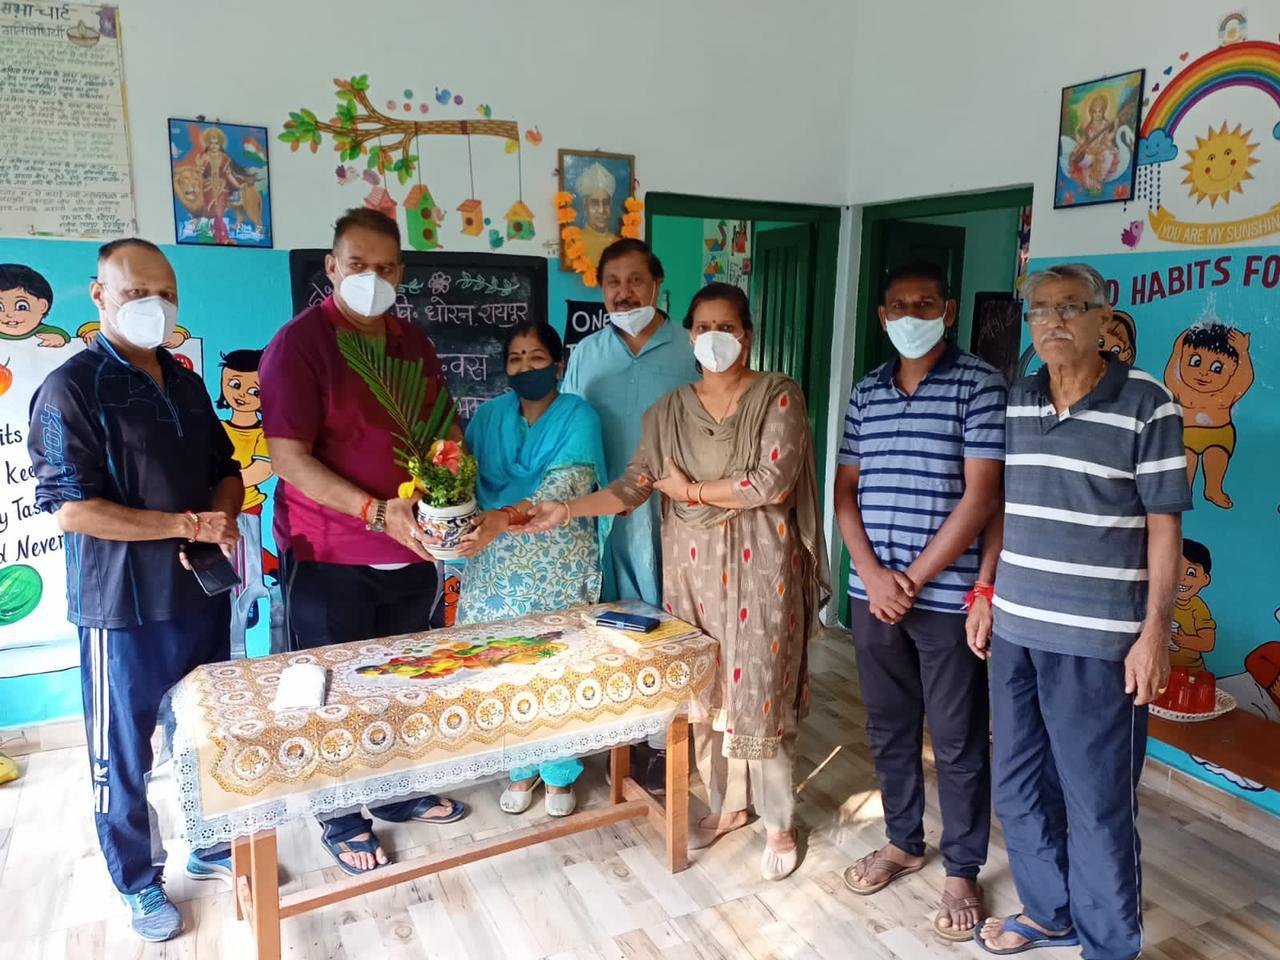 उत्तराखंड : शिक्षक दिवस पर विशेष - जब शिक्षक दिवस पर स्कूल स्कूल पहुंचे कैबिनेट मंत्री